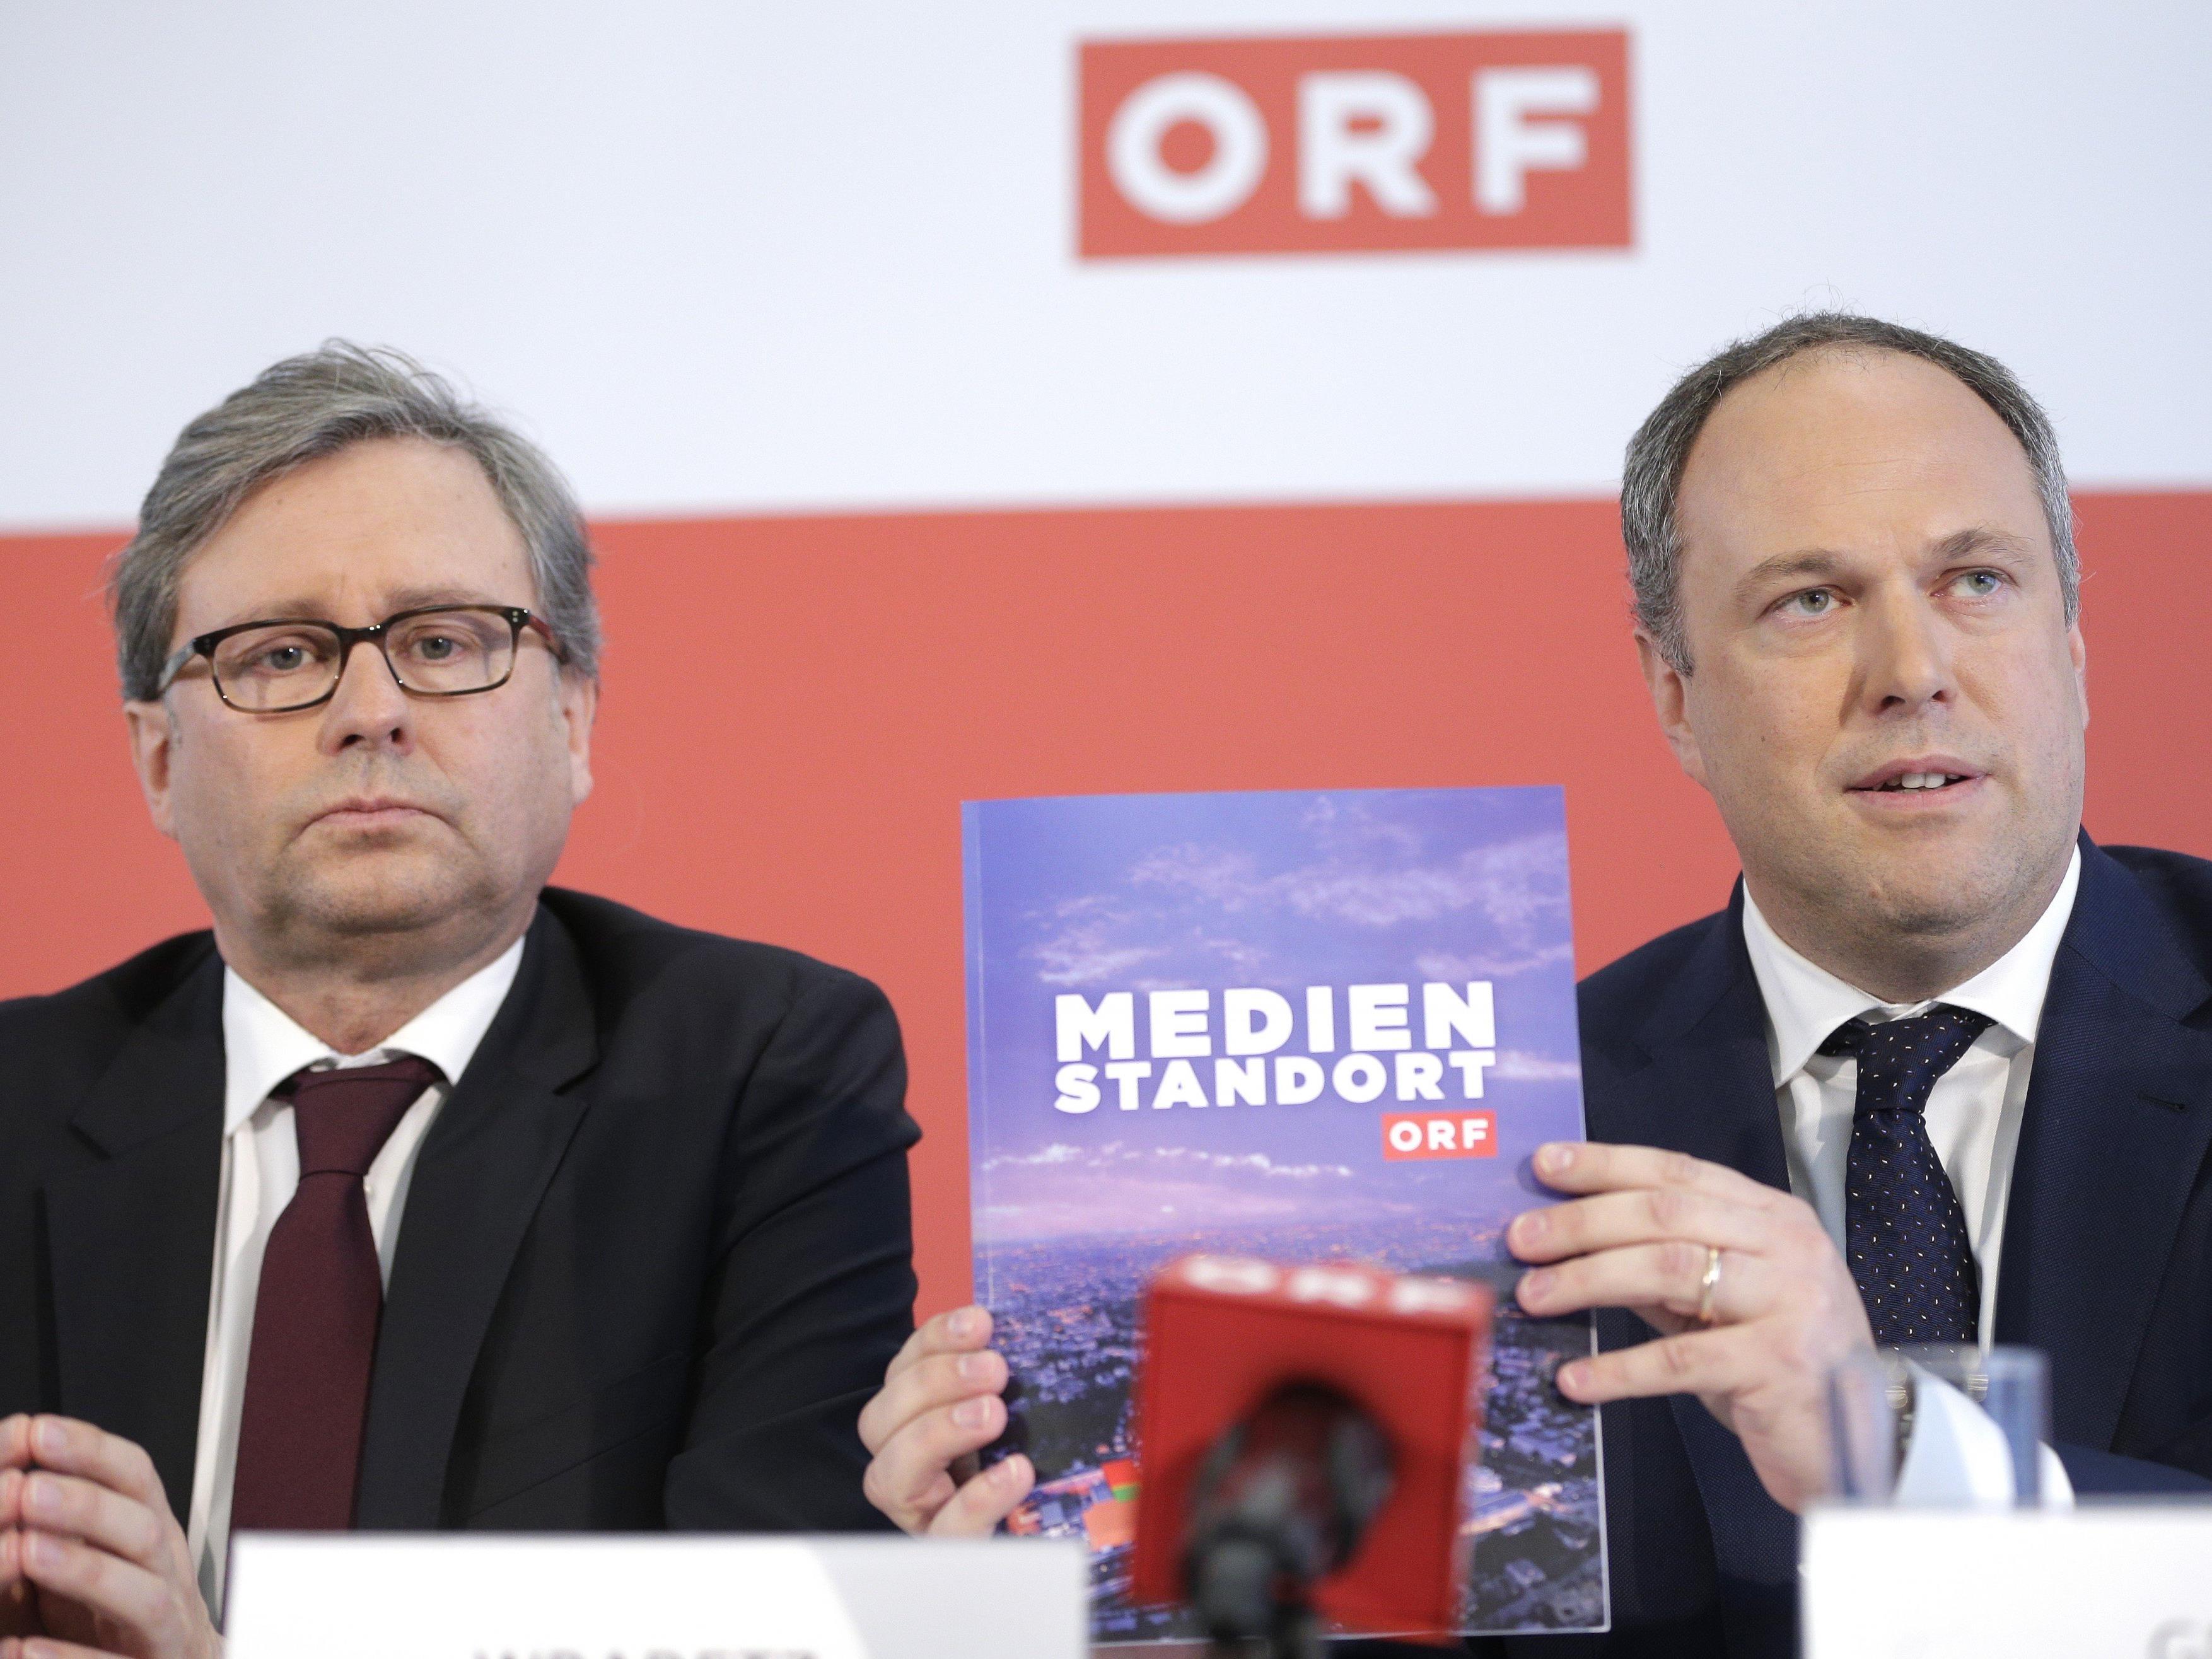 Spannung vor der ORF-Wahl.